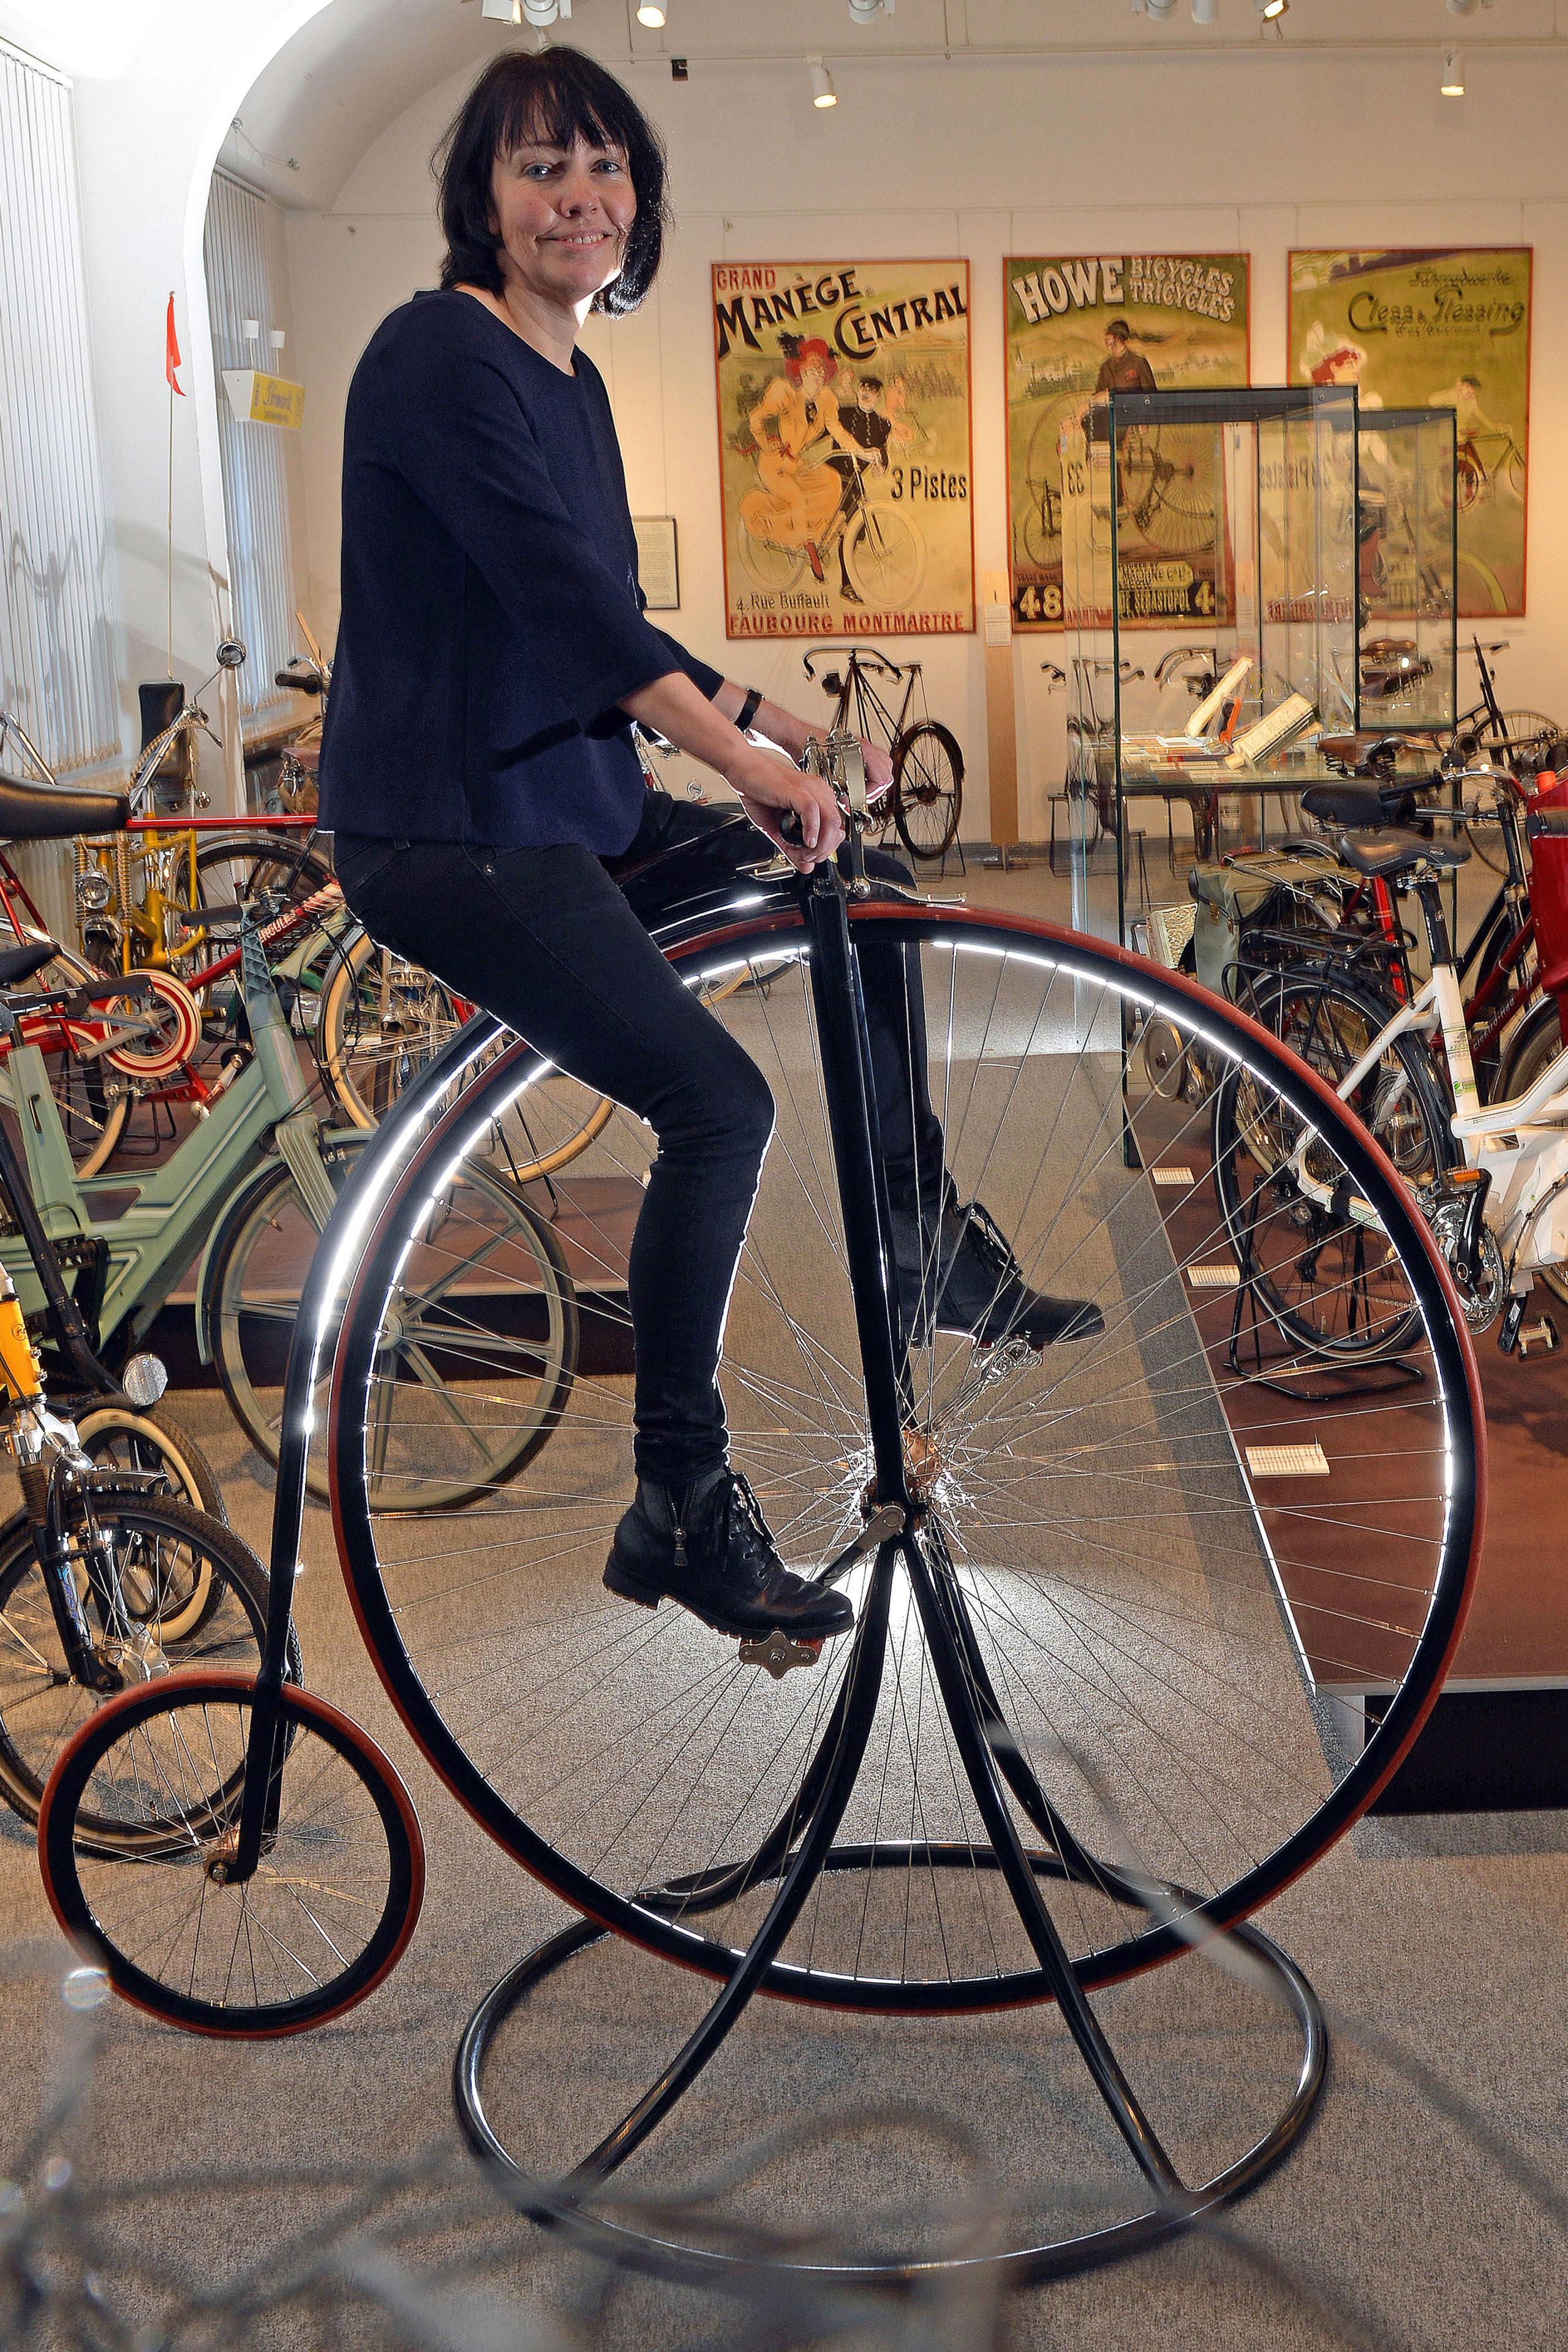 Ausprobieren erwünscht. Auf dem Nachbau eines Hochrads können die Ausstellungbesucher das Gefühl erleben, so weit oben zu sitzen und in die Pedale zu treten.